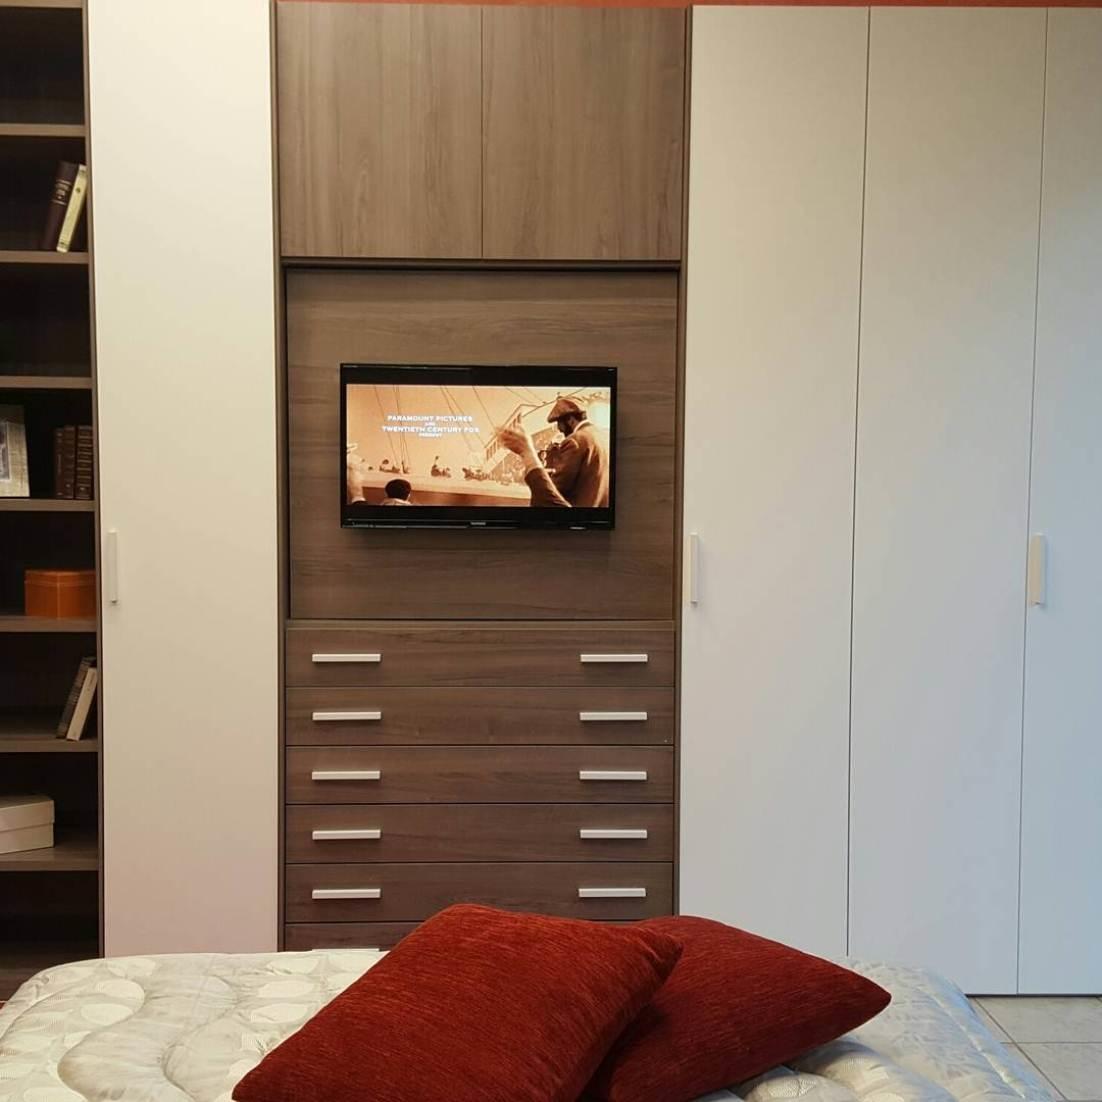 Camera matrimoniale completa Giessegi con porta televisore - Camere a prezzi scontati